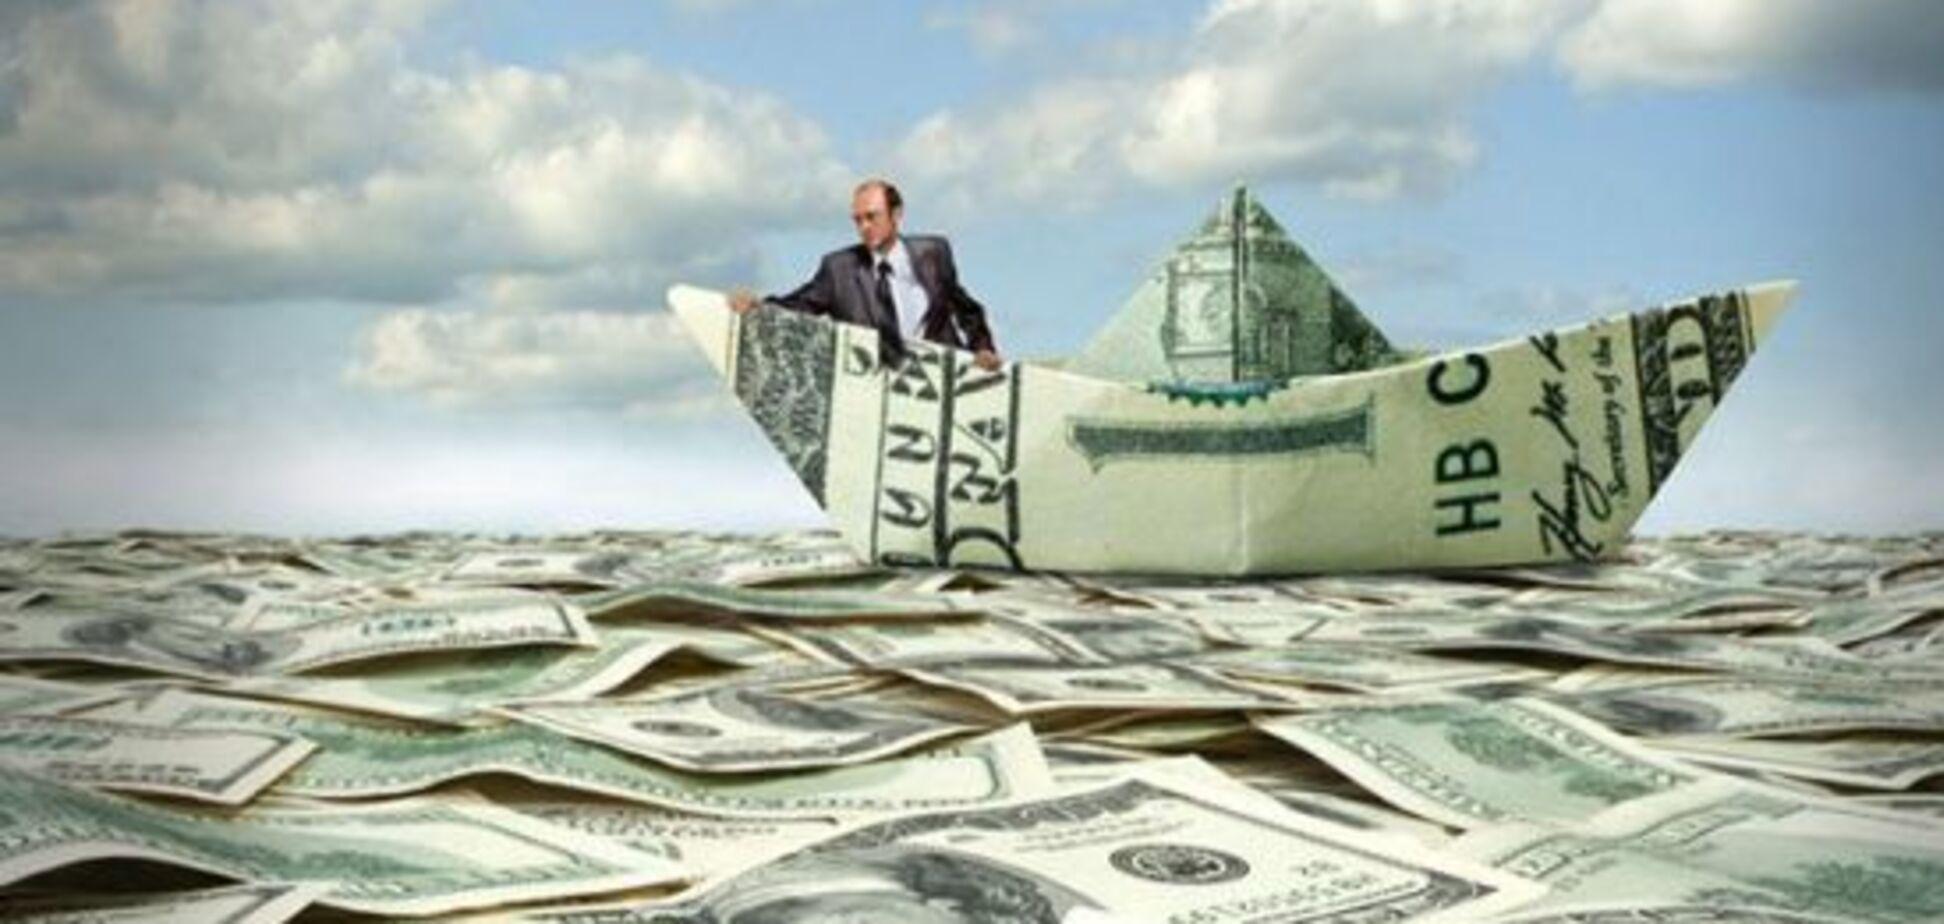 В Великобритании подсчитали офшорные миллиарды олигархов из России